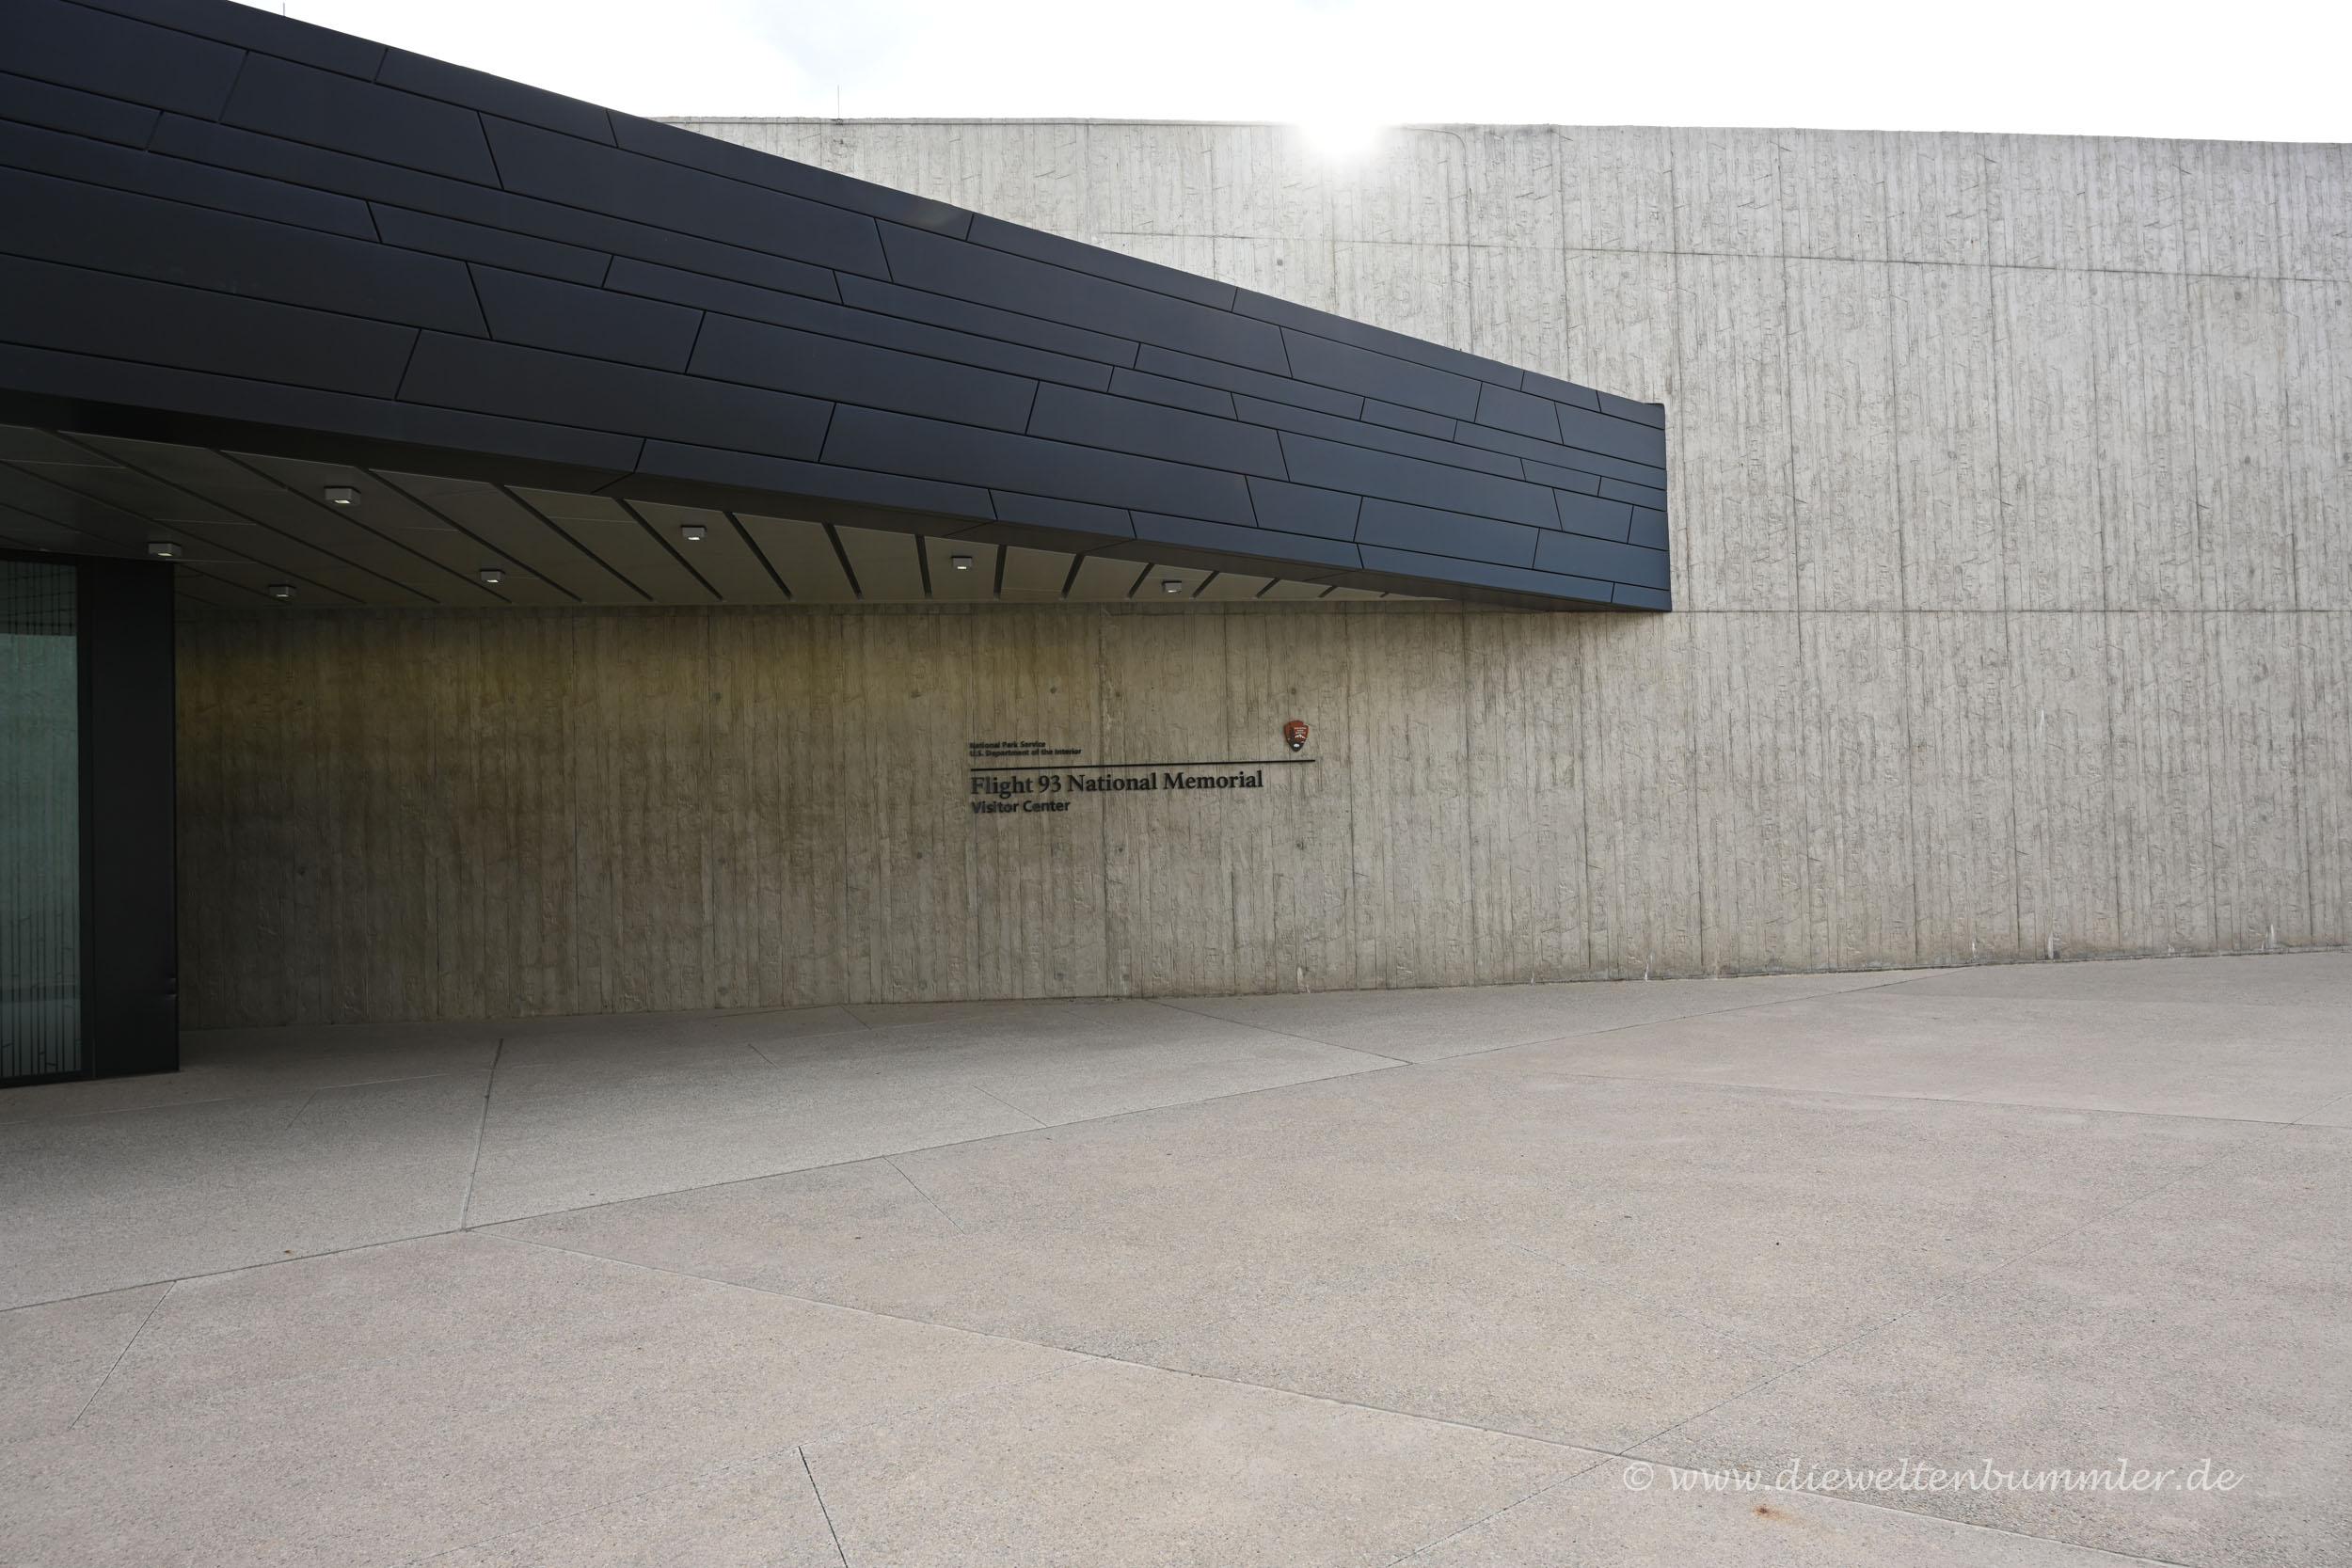 Eingang zum Besucherzentrum